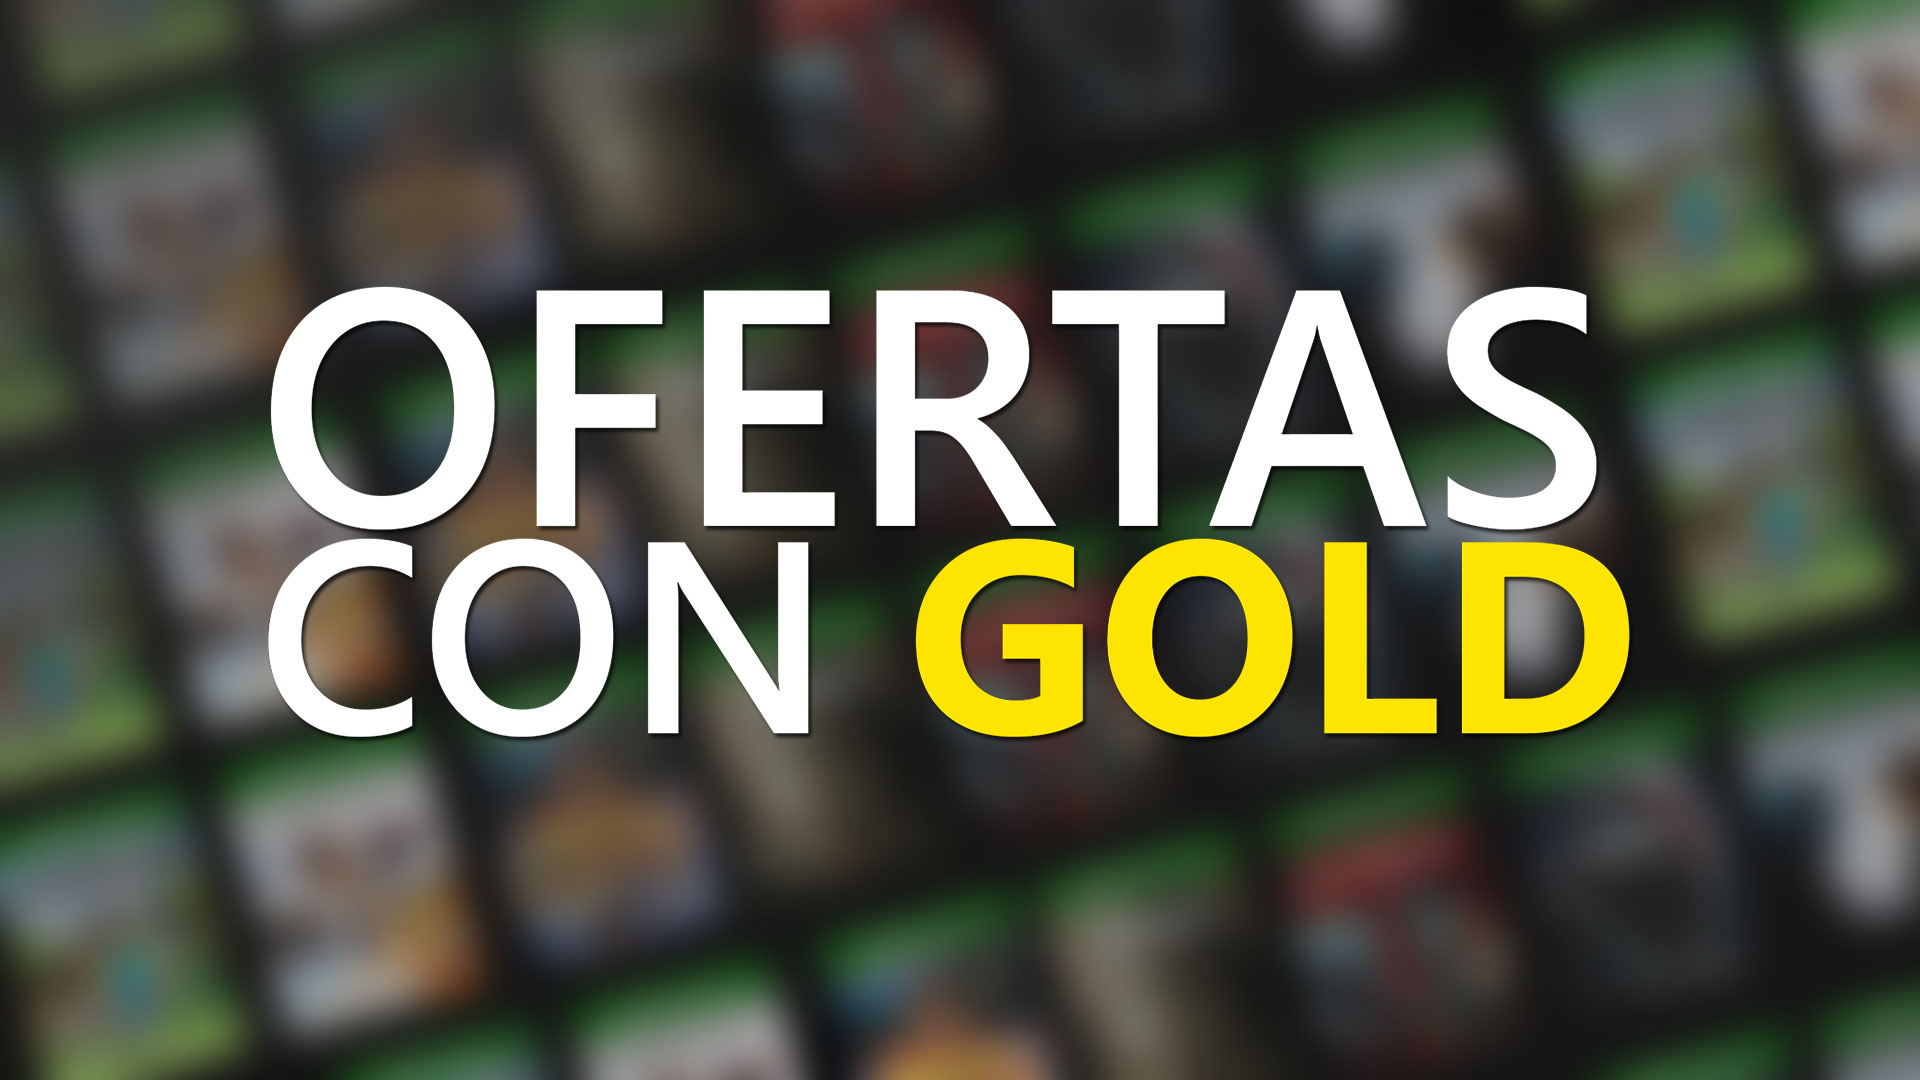 Estas son las nuevas ofertas con Gold para la semana del 20 al 26 de octubre